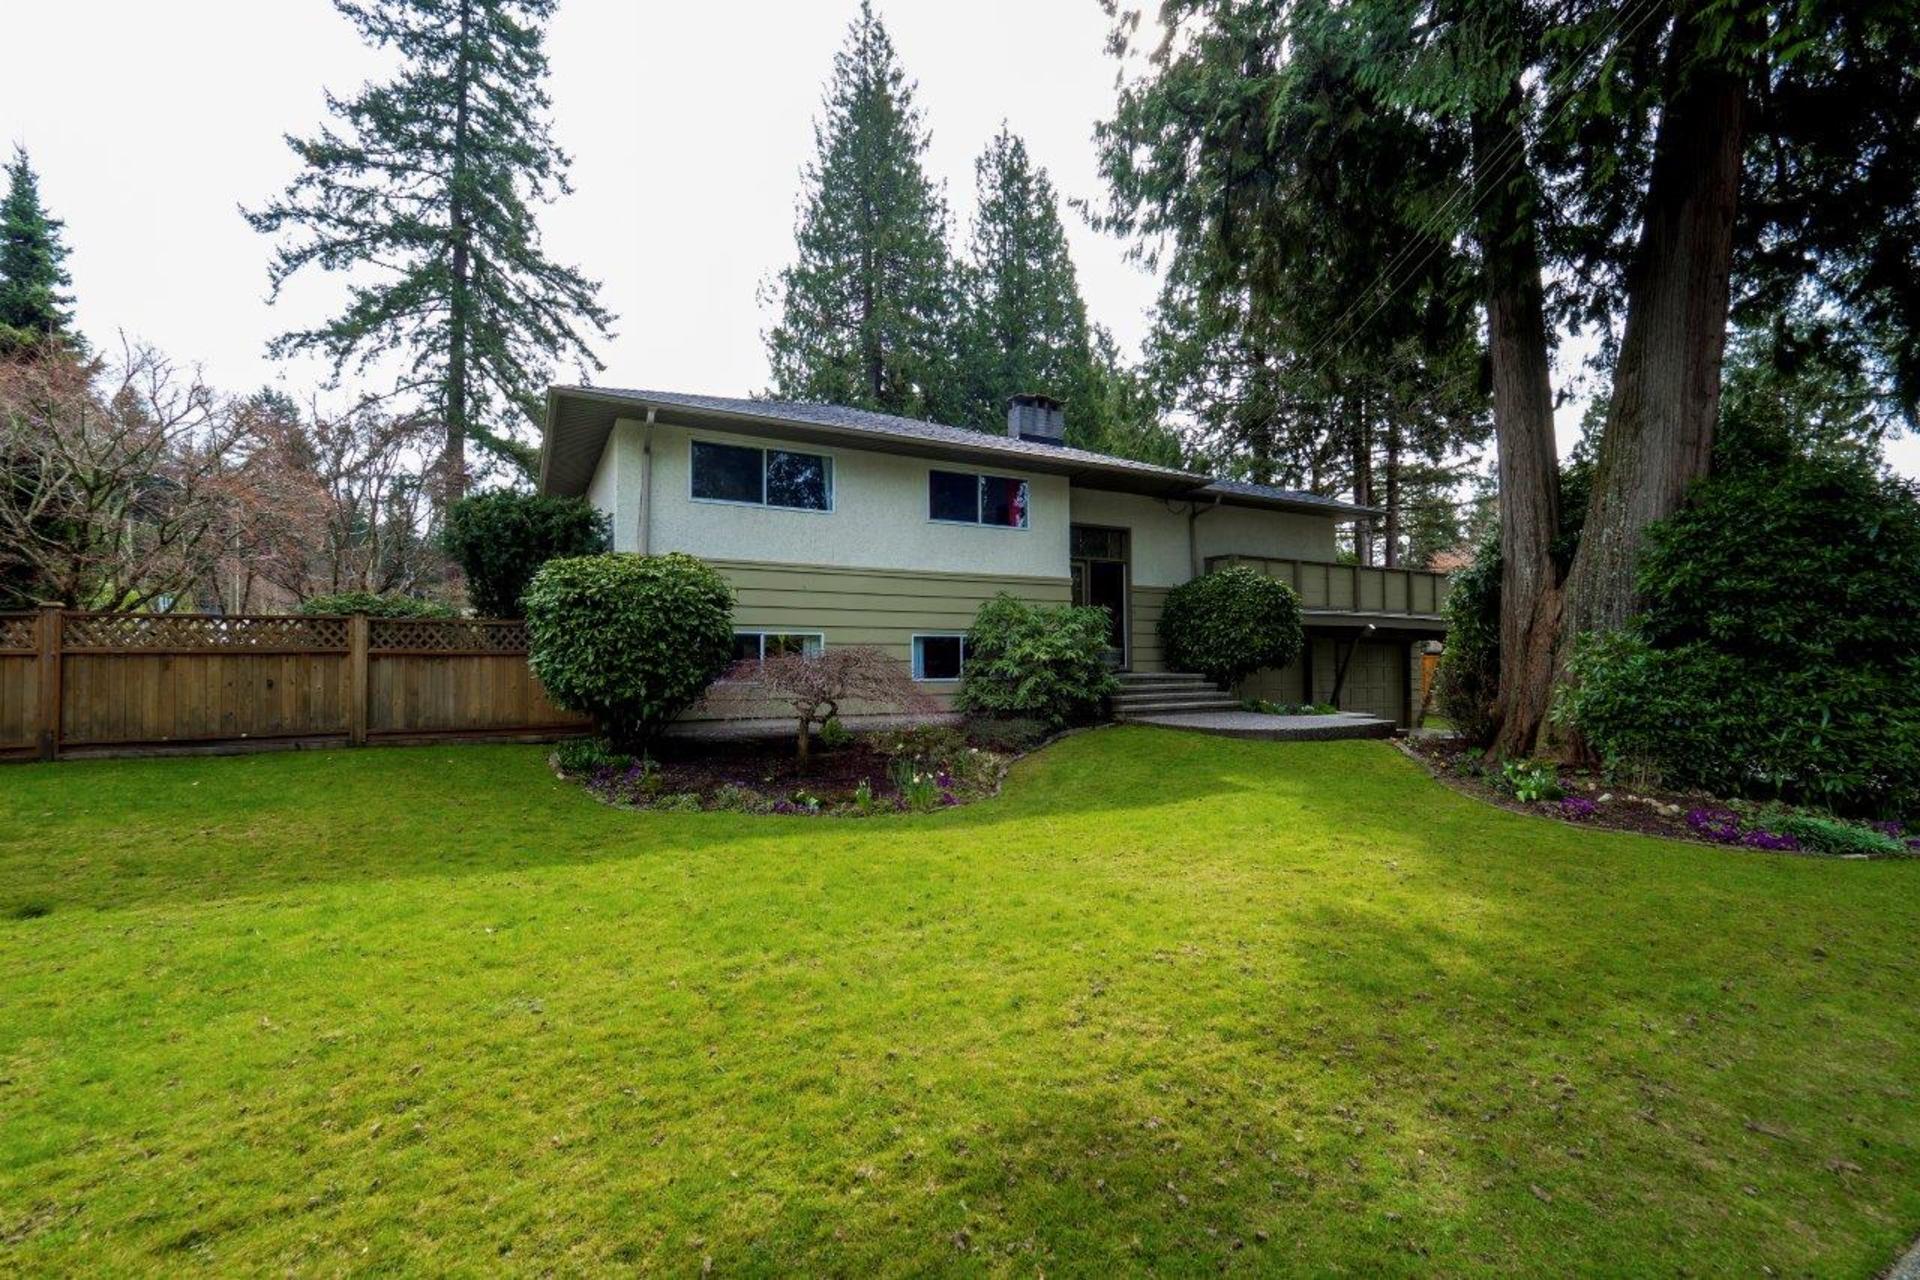 4302carolyn-1 at 4302 Carolyn Drive, Capilano NV, North Vancouver